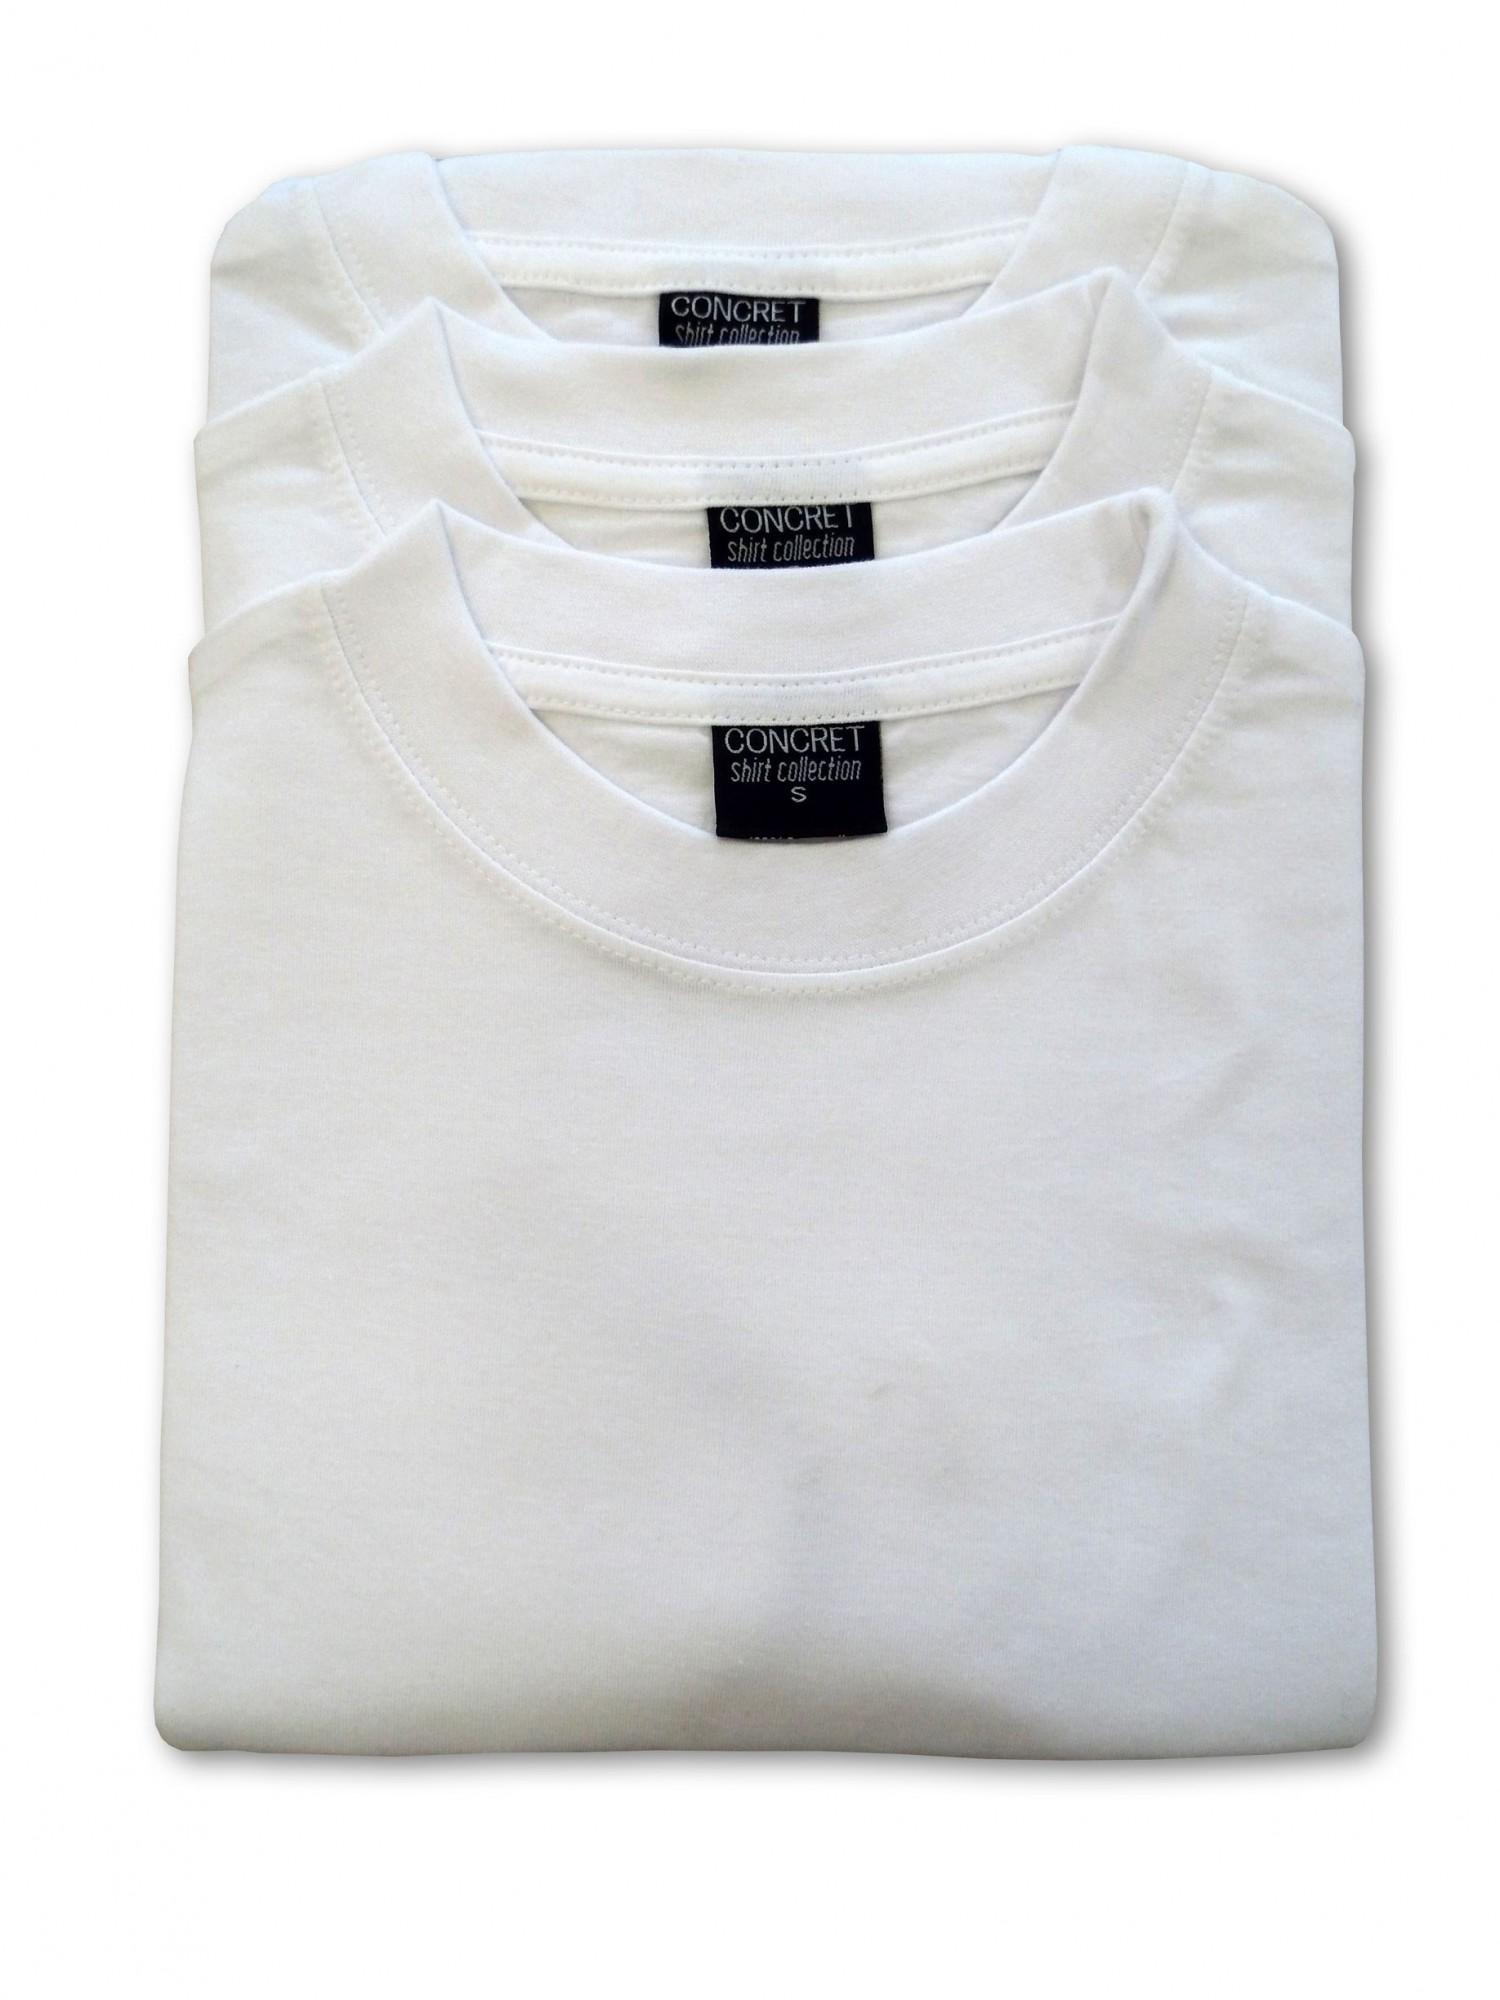 Herren T-Shirts 3erpack weiss,  Rundhals, (auch in Übergrössen erhältlich) 1301 – Bild 2